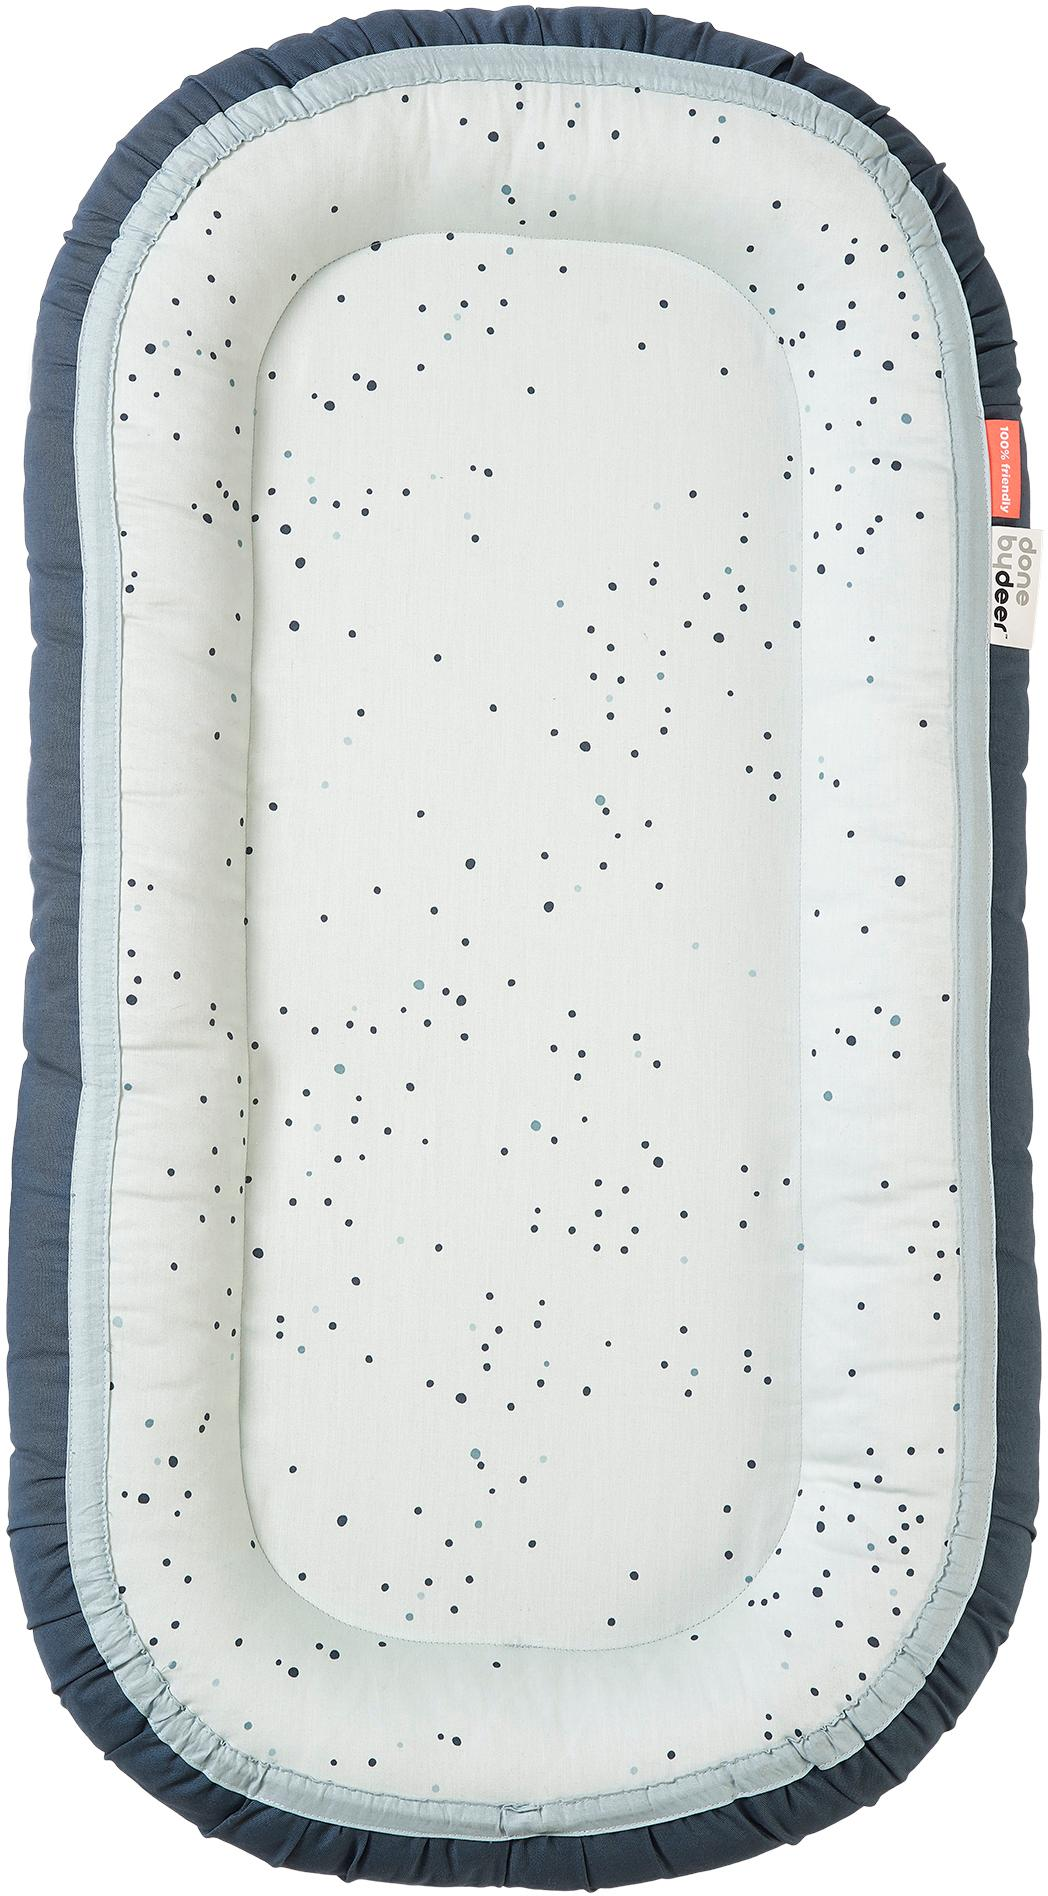 Gniazdo niemowlęce Dreamy Dots, Tapicerka: 100% bawełna, certyfikat , Niebieski, S 50 x D 93 cm